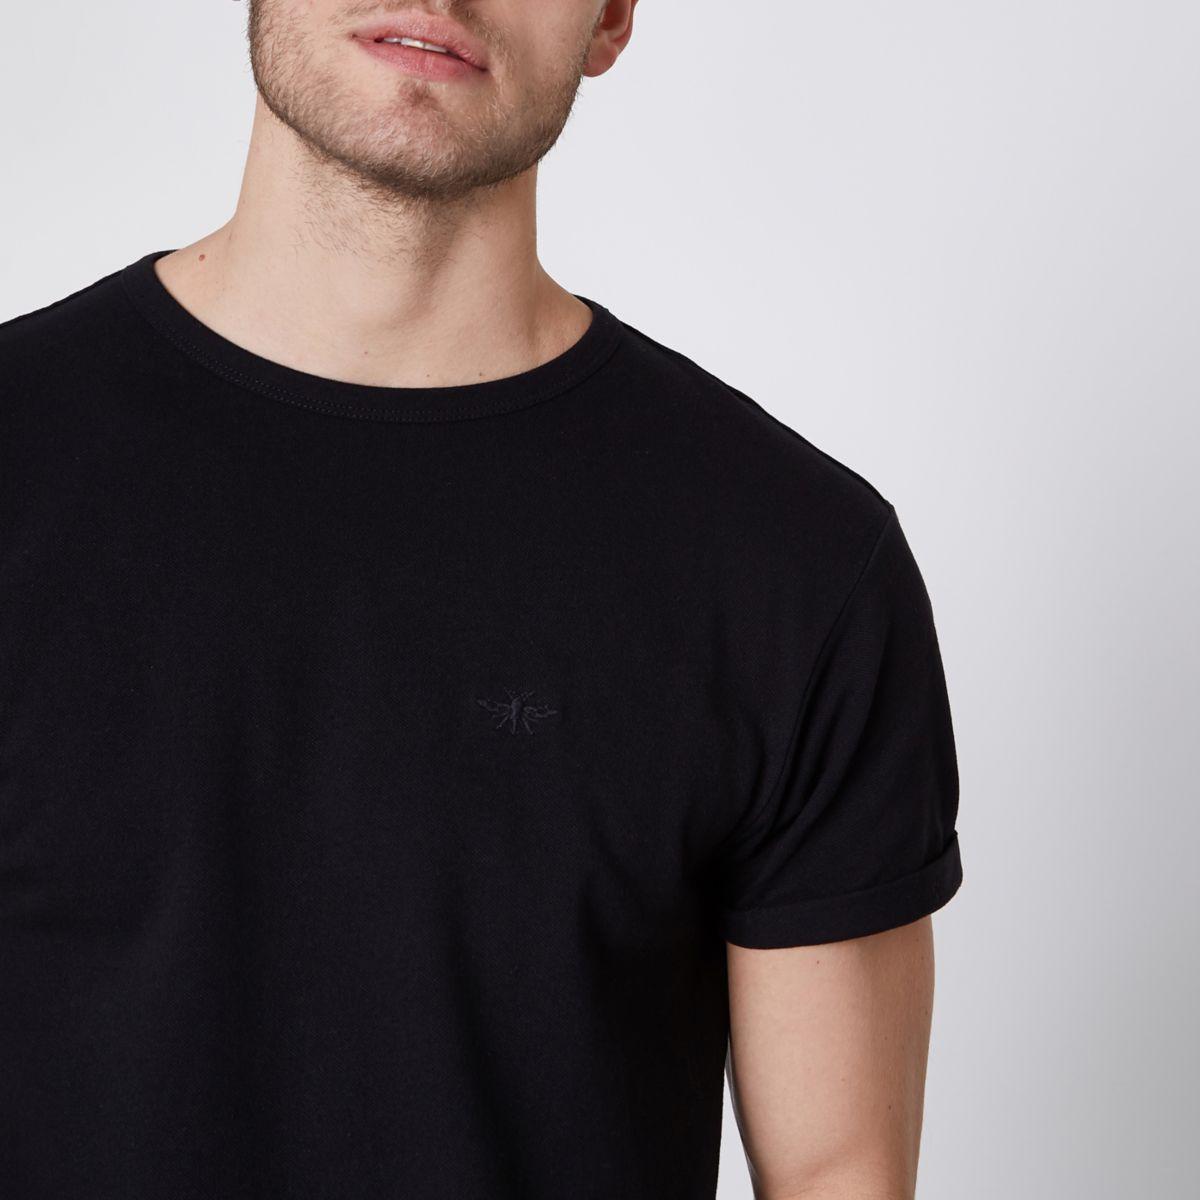 Black pique muscle fit crew neck T-shirt